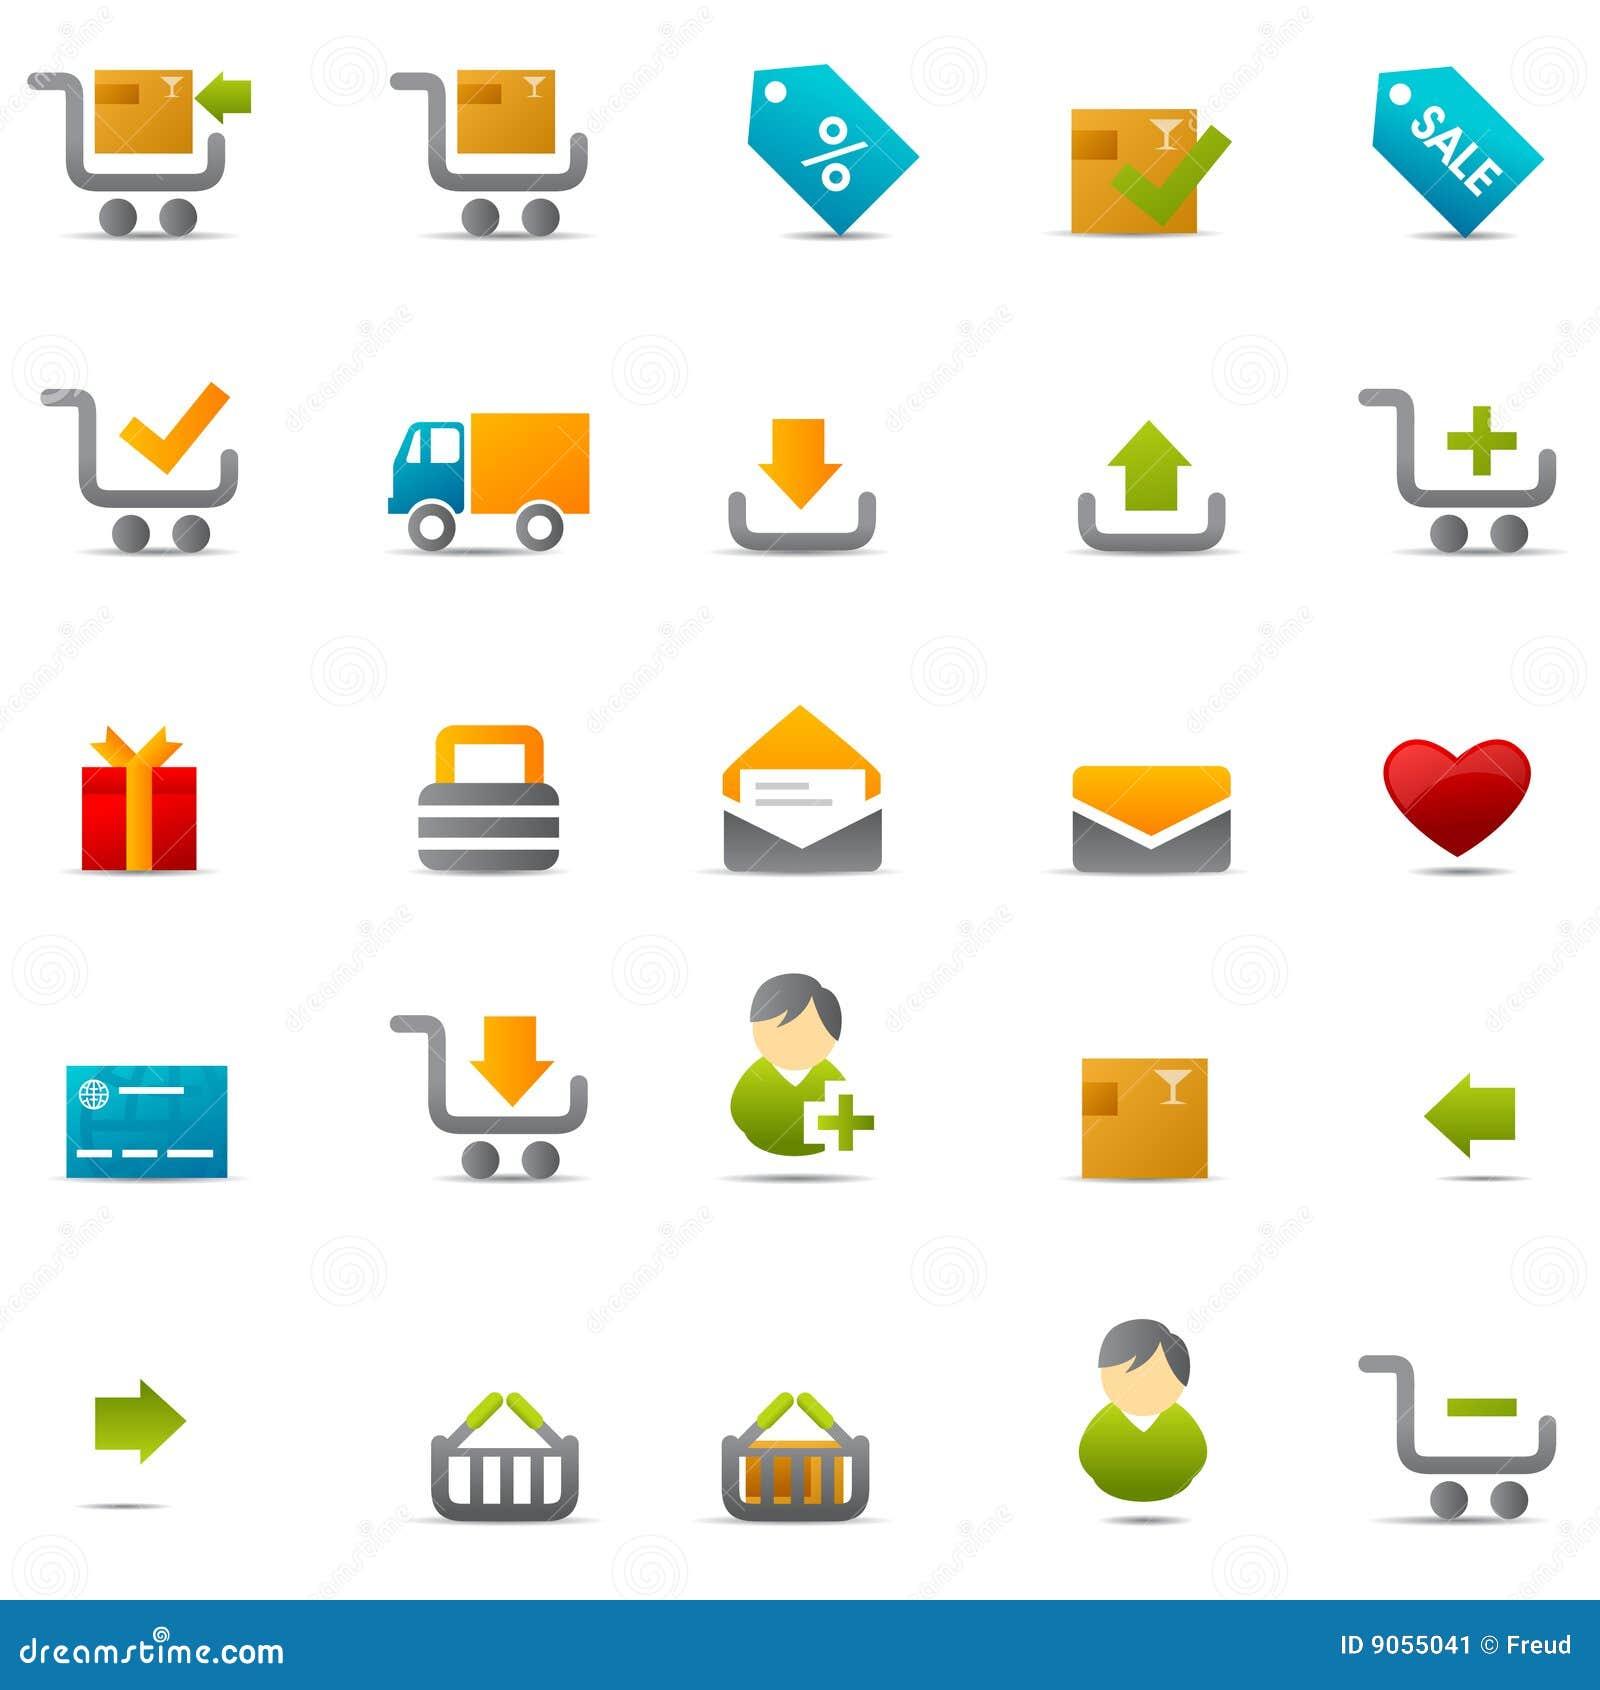 Ecommerce web icon